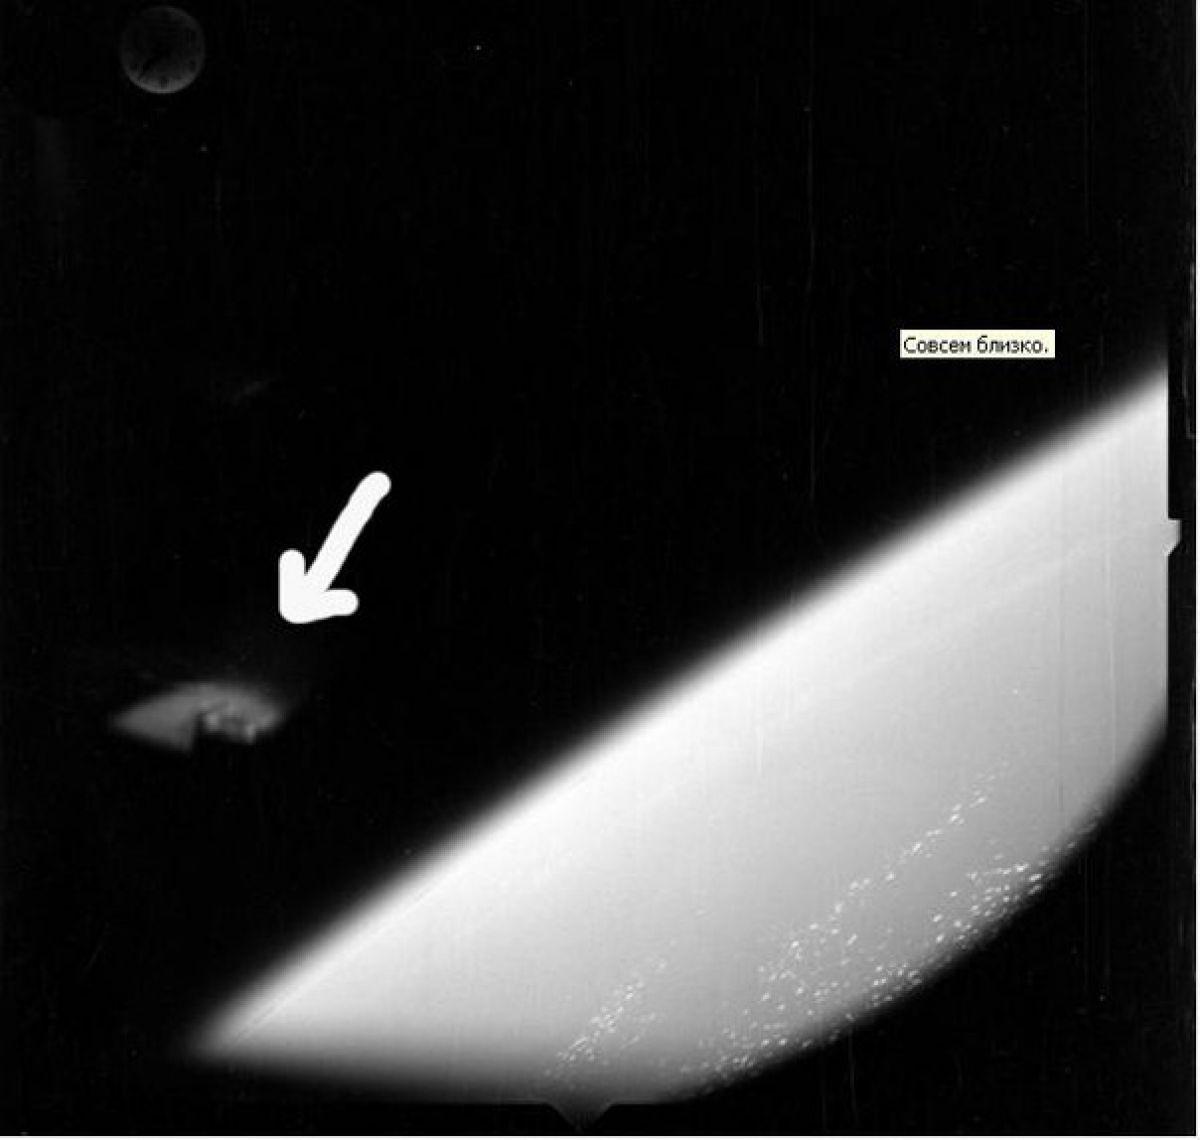 За первыми полетами в космическое пространство следили обитатели других миров